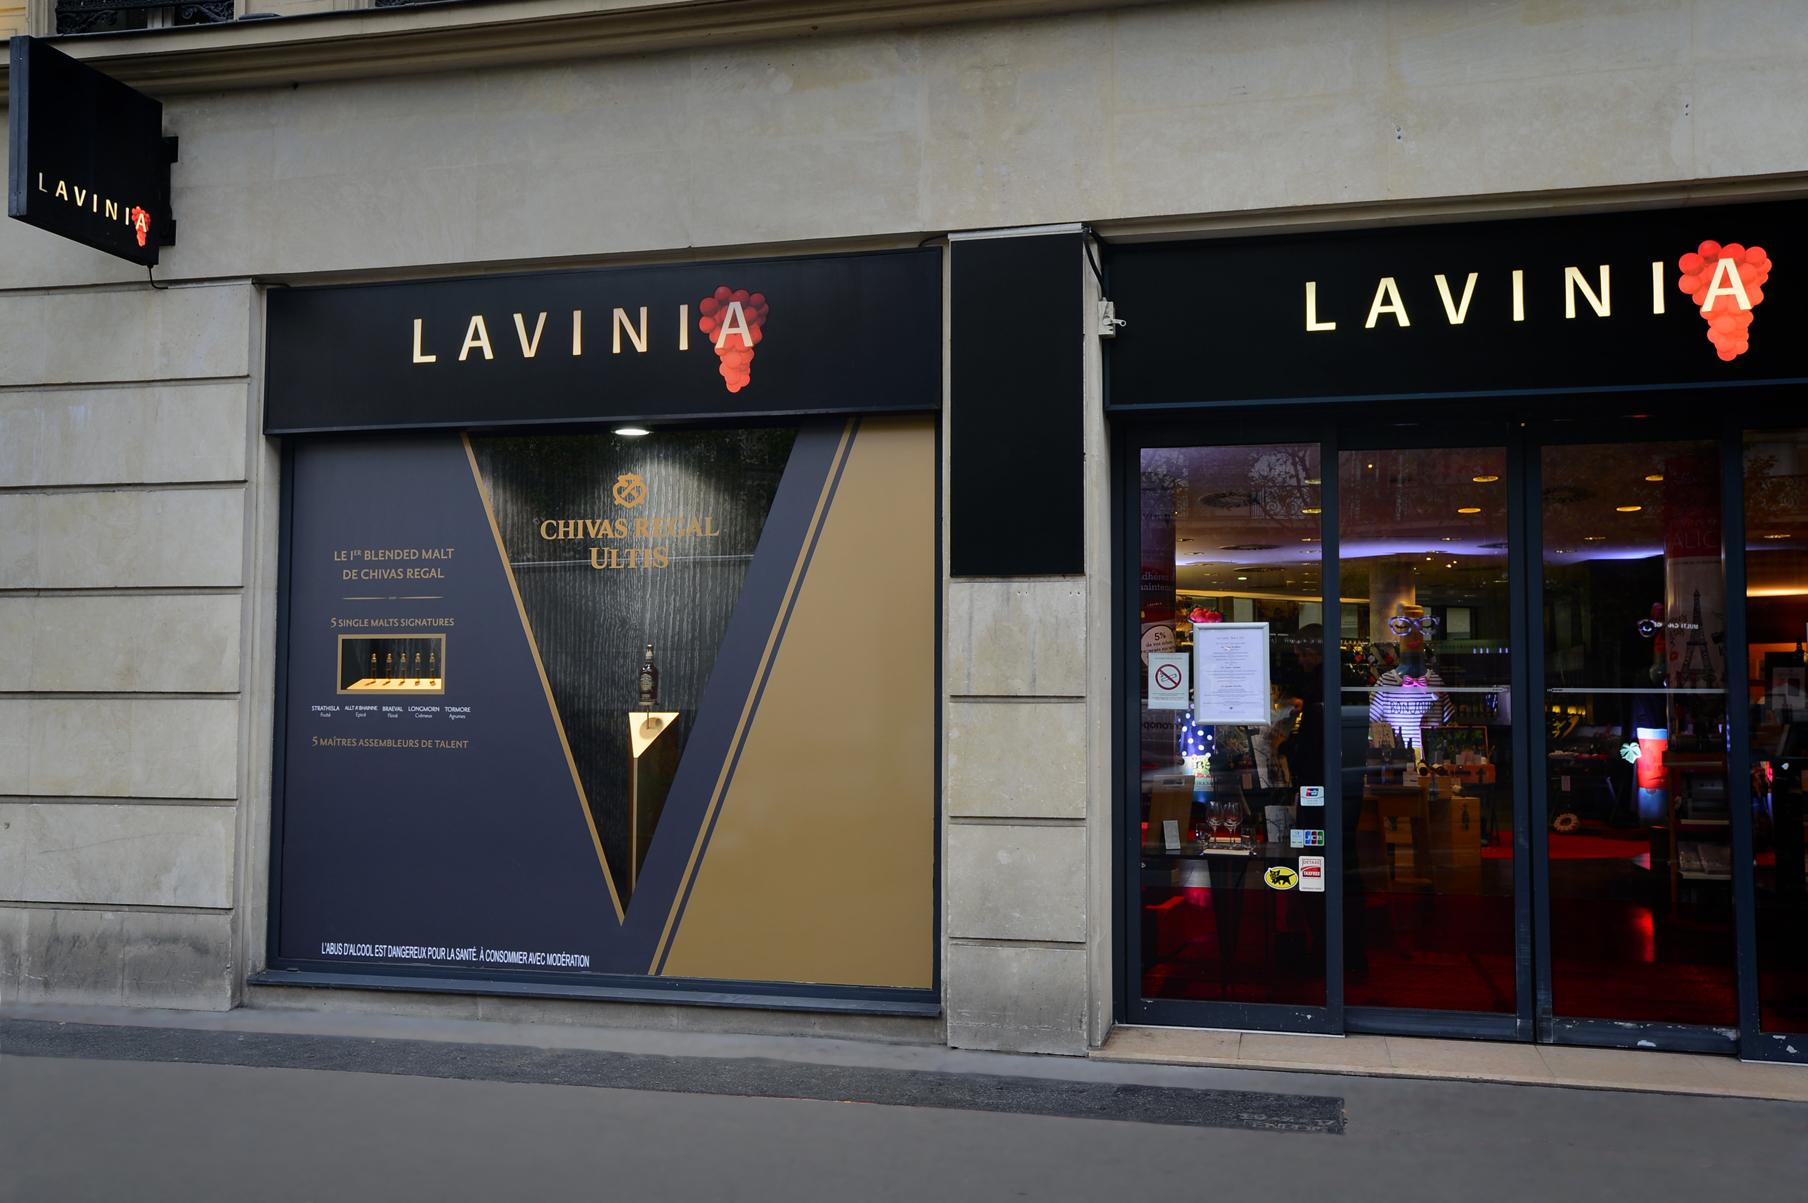 CHIVAS-ULTIS_Vitrine-Lavinia-Madeleine_DESIGN-ESPACE_archi-interieur-designer-decorateur_PLANET-DESIGN-PARIS-Eric-Berthes_05.jpg